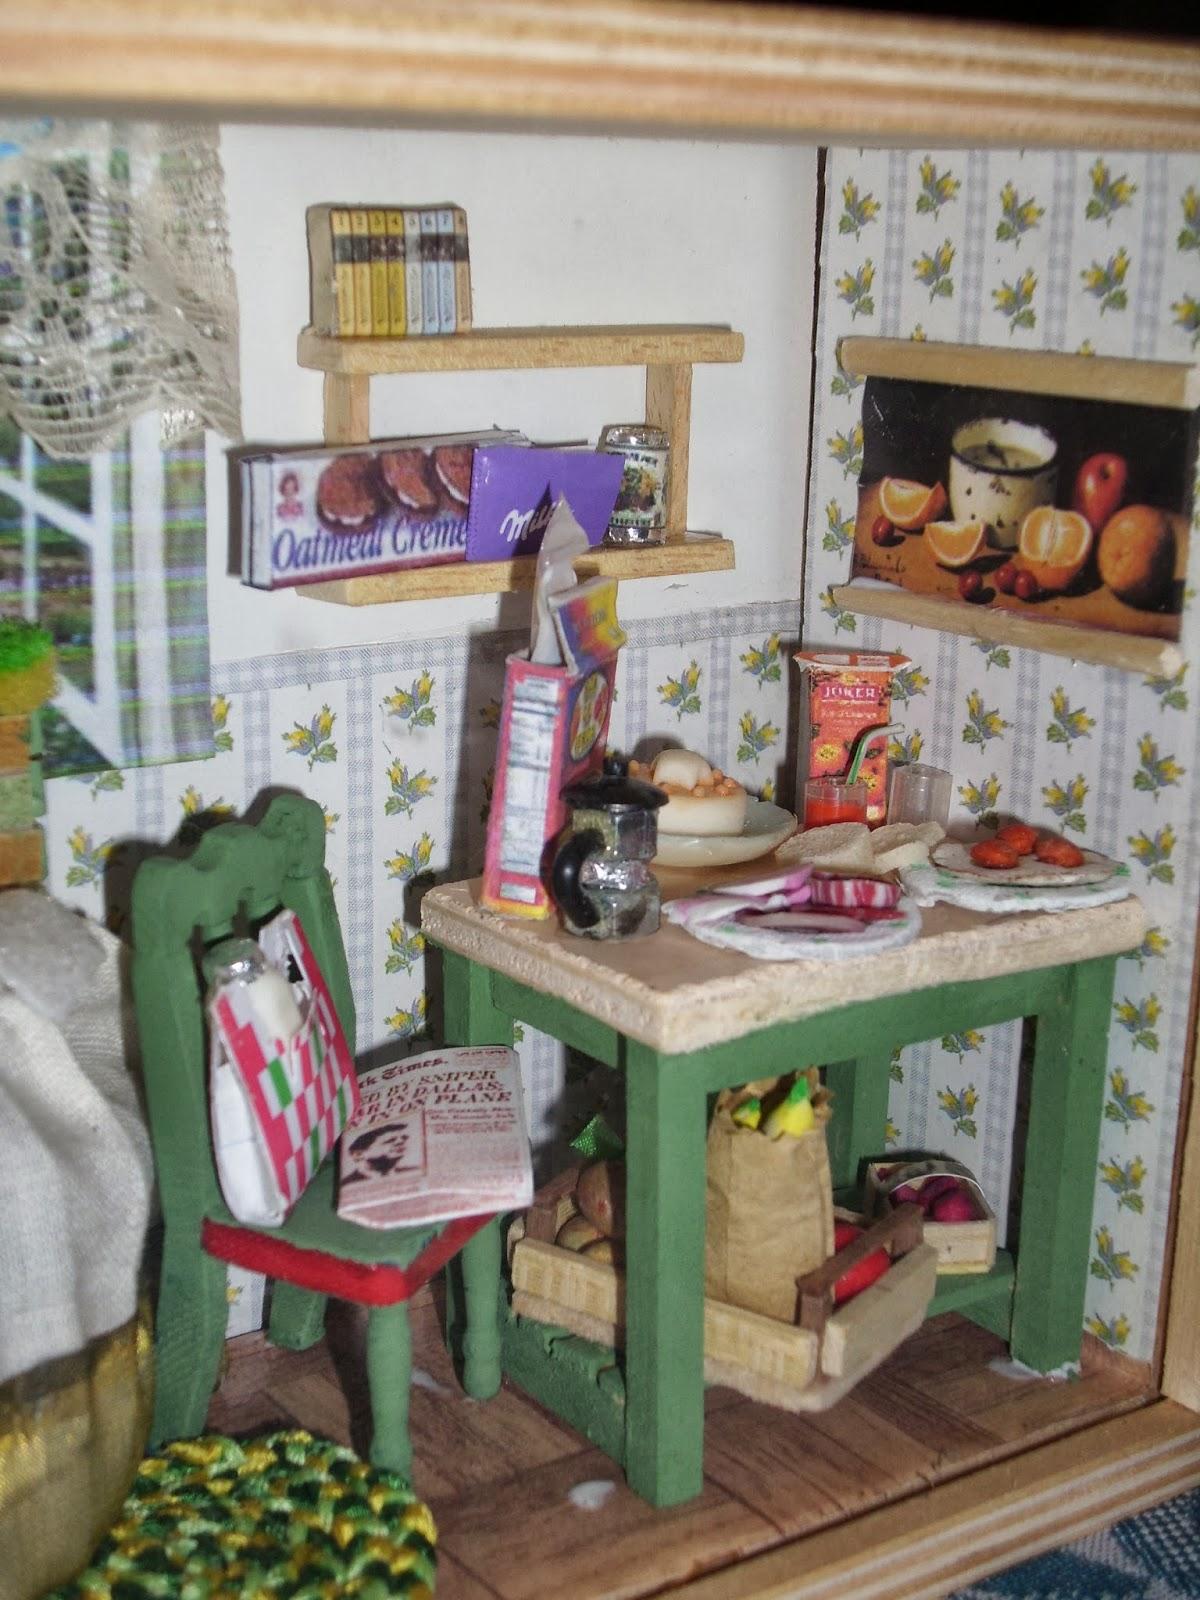 Framini vecchi lavori cucina verde gialla - Lavandino cucina ristorante ...